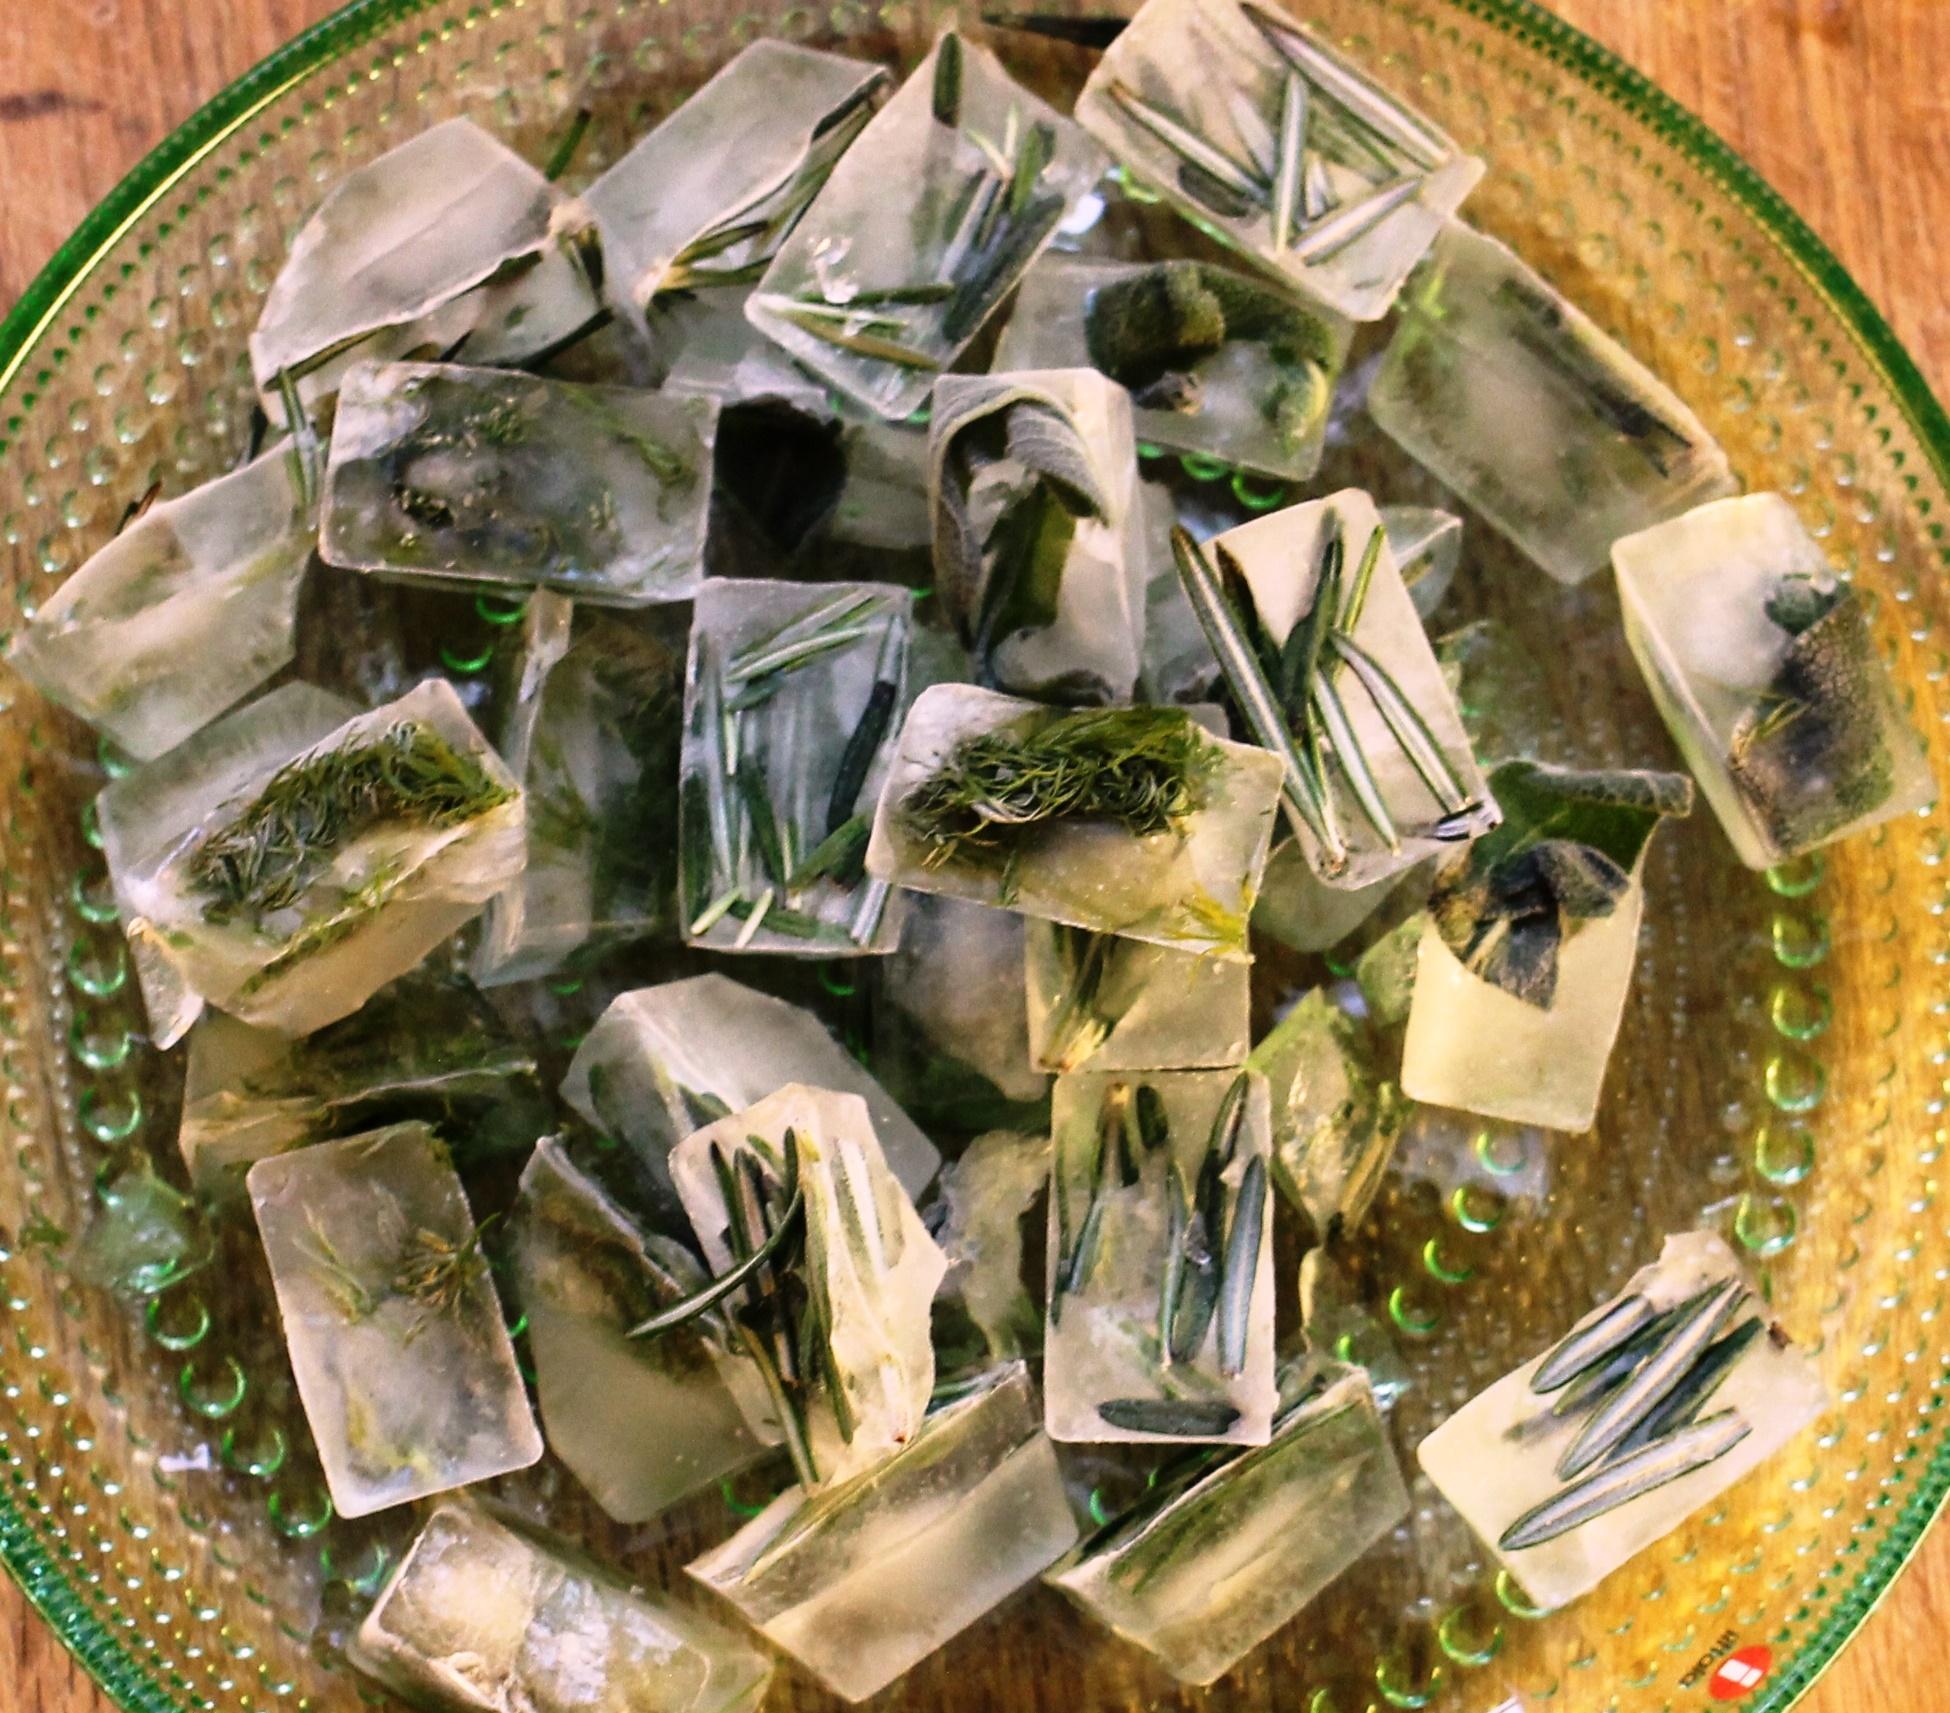 Uppskera – Frysting kryddjurta